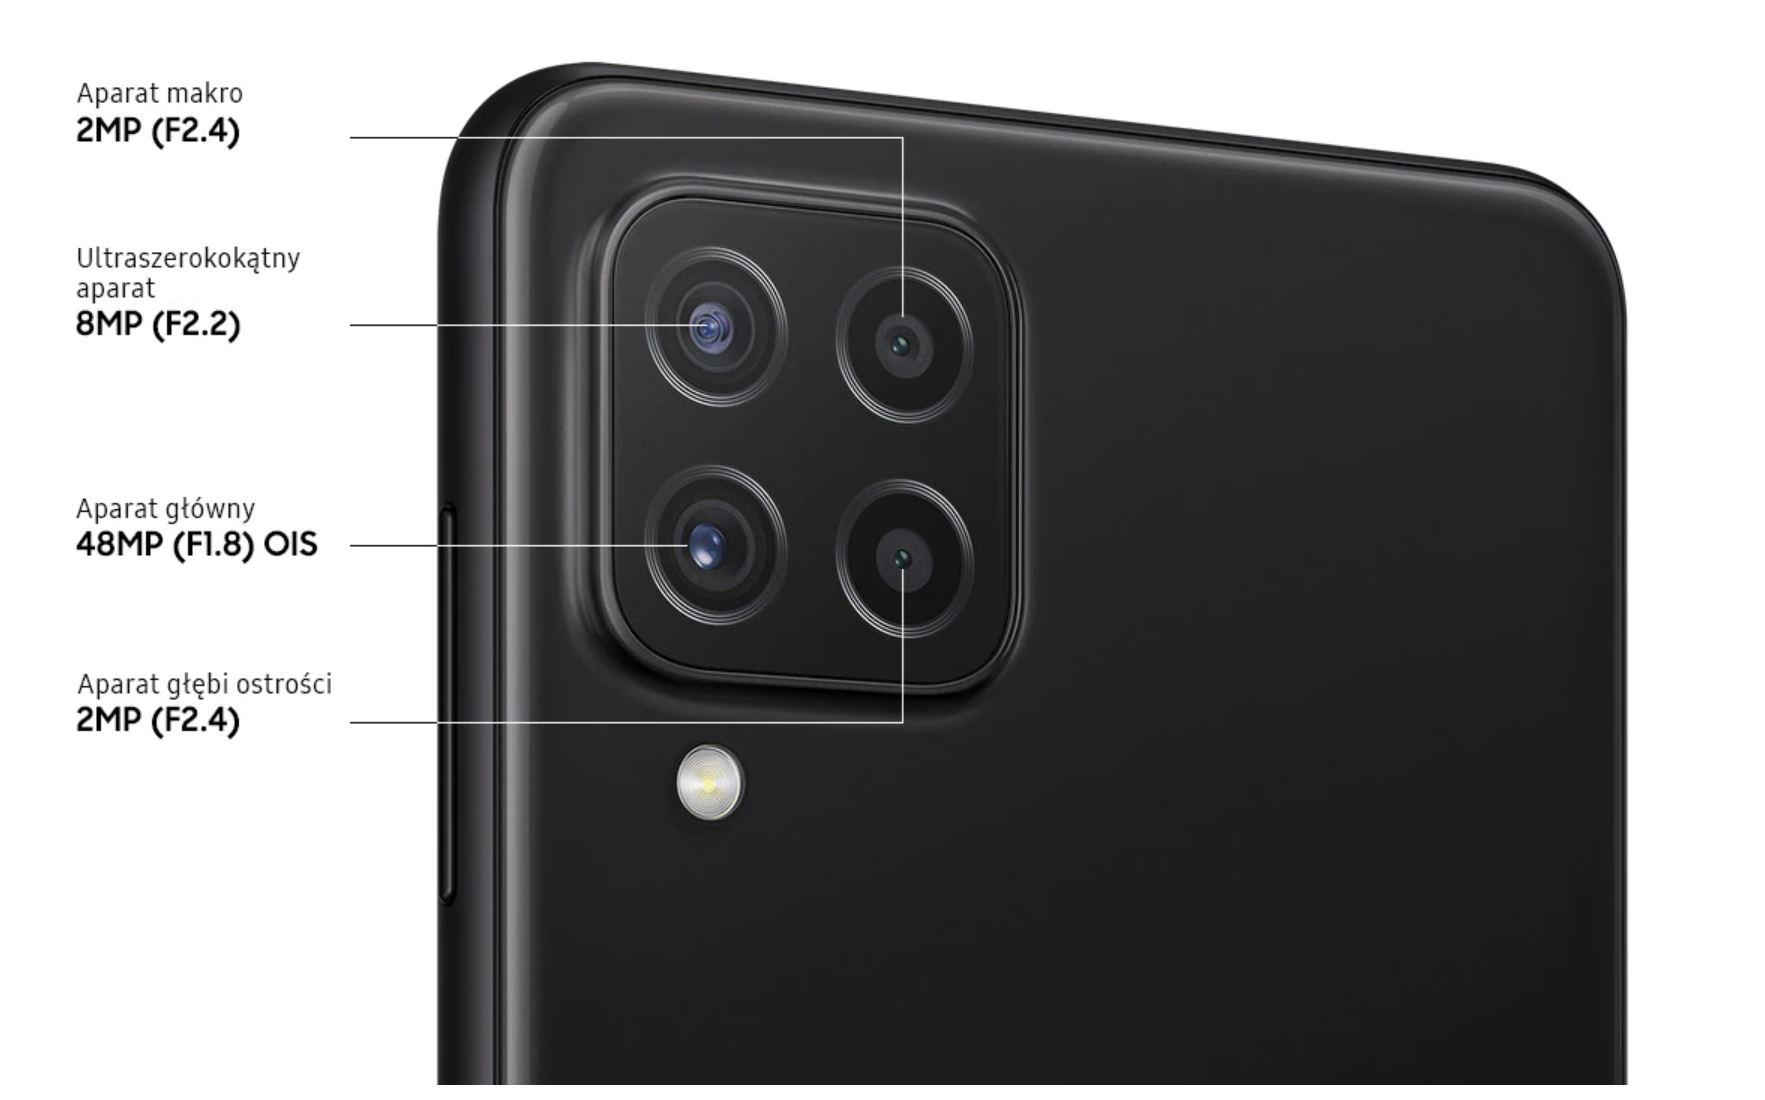 Najpopularniejsze smartfony do 1000 zł w ofercie RTV Euro AGD (TOP 10) - Samsung A22 - aparat